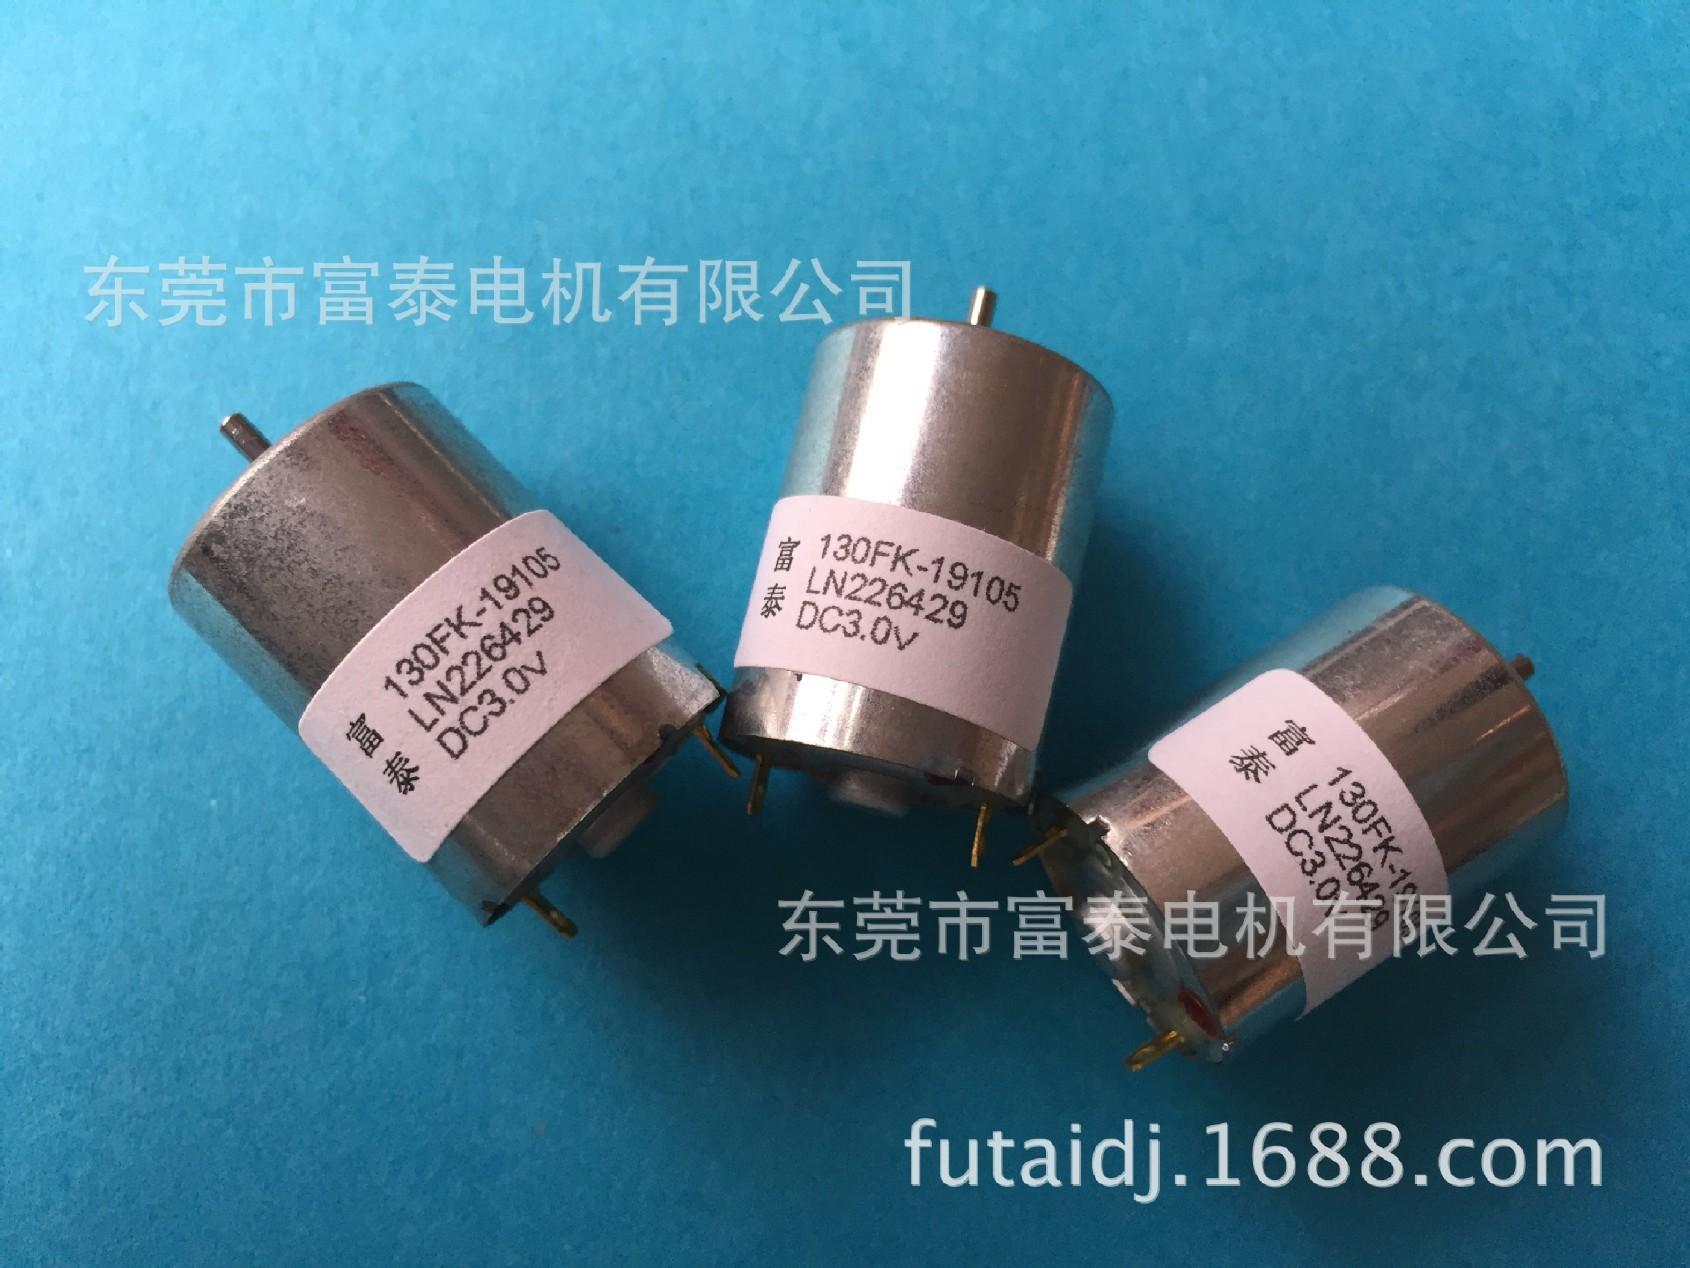 130电机130圆电机微型舵机电机美容笔电机纹眉笔电机纹身笔电机图片